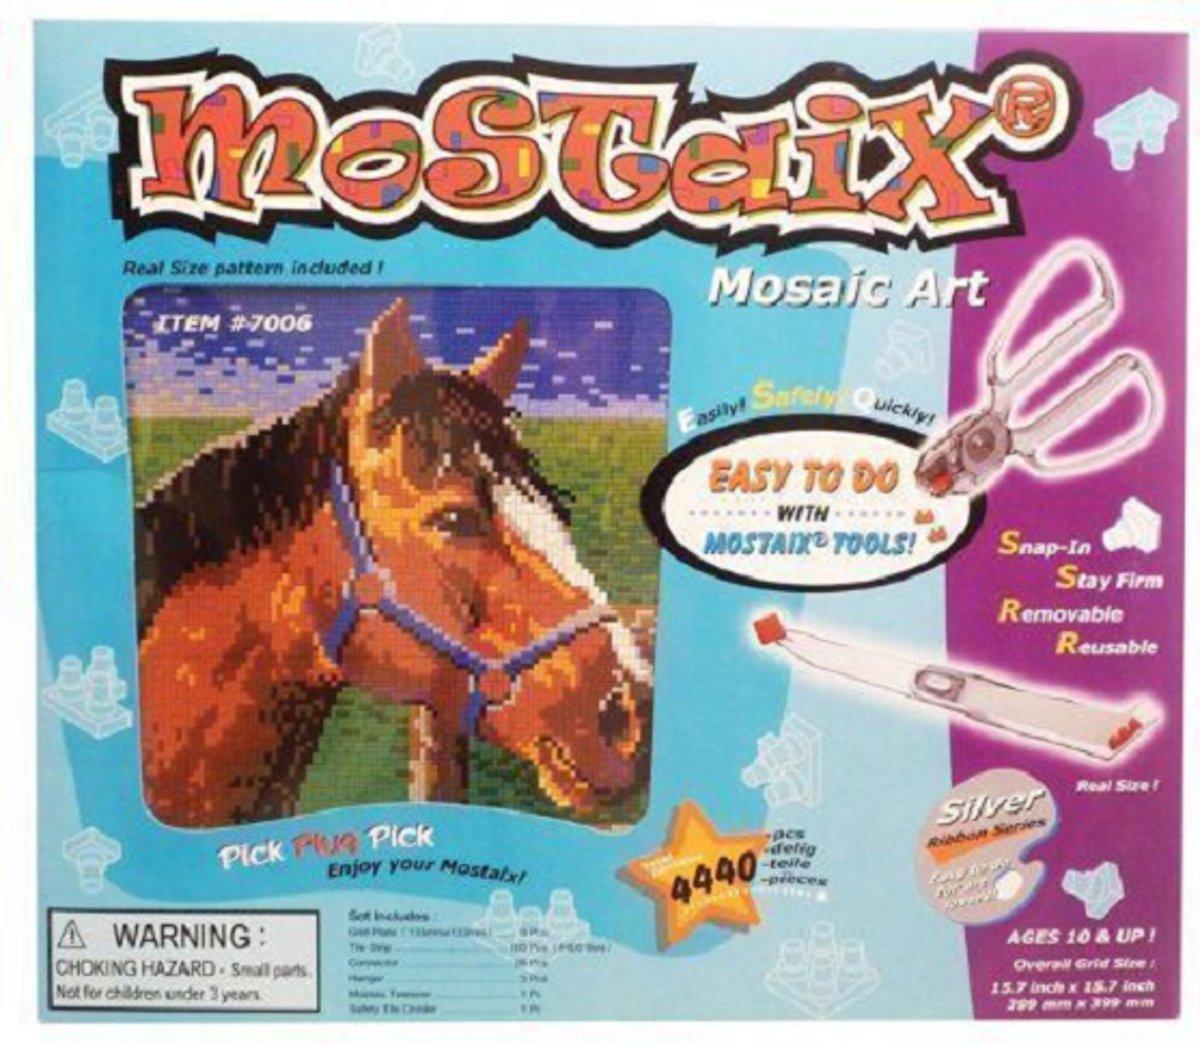 Mostaix mosaic art paard